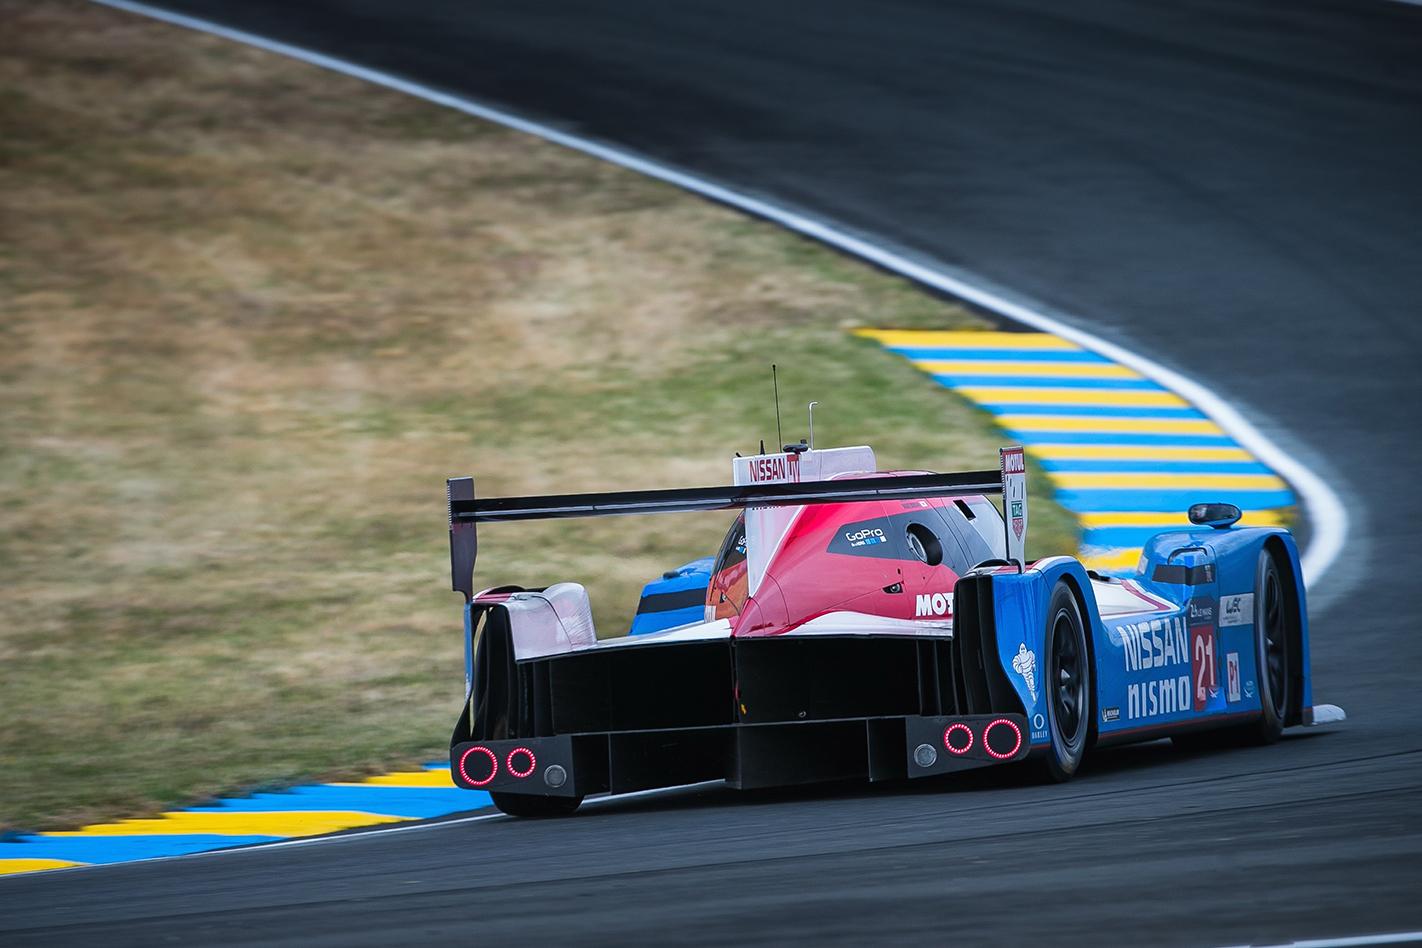 Nissan LMP1 Le Mans racer